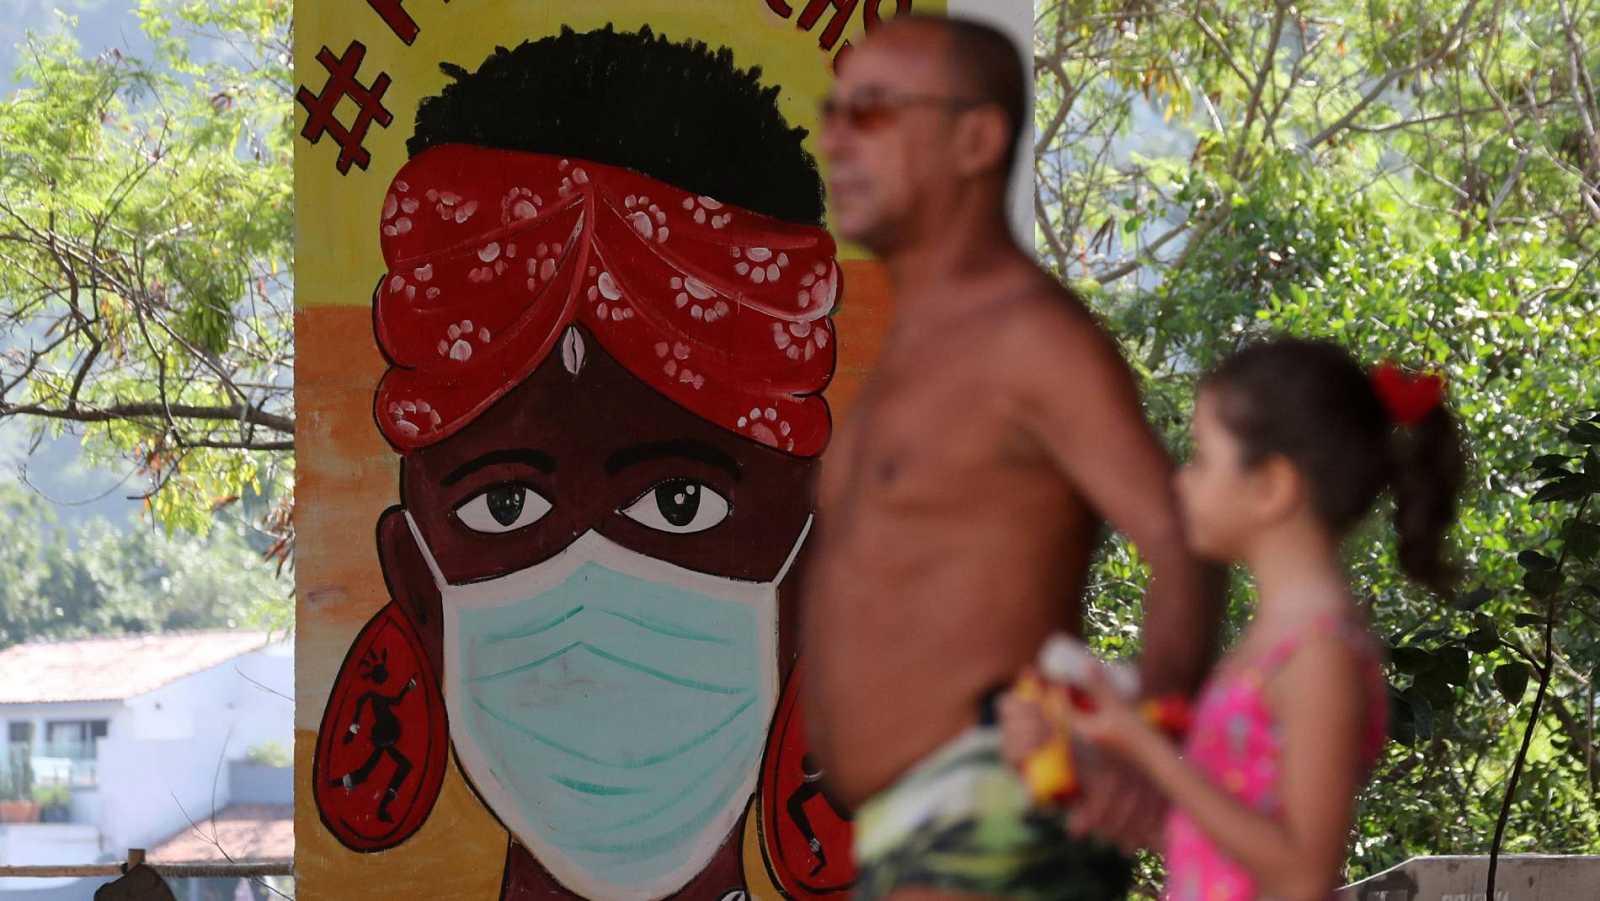 Un grafiti invita a quedarse en casa y a llevar mascarilla en Río de Janeiroq